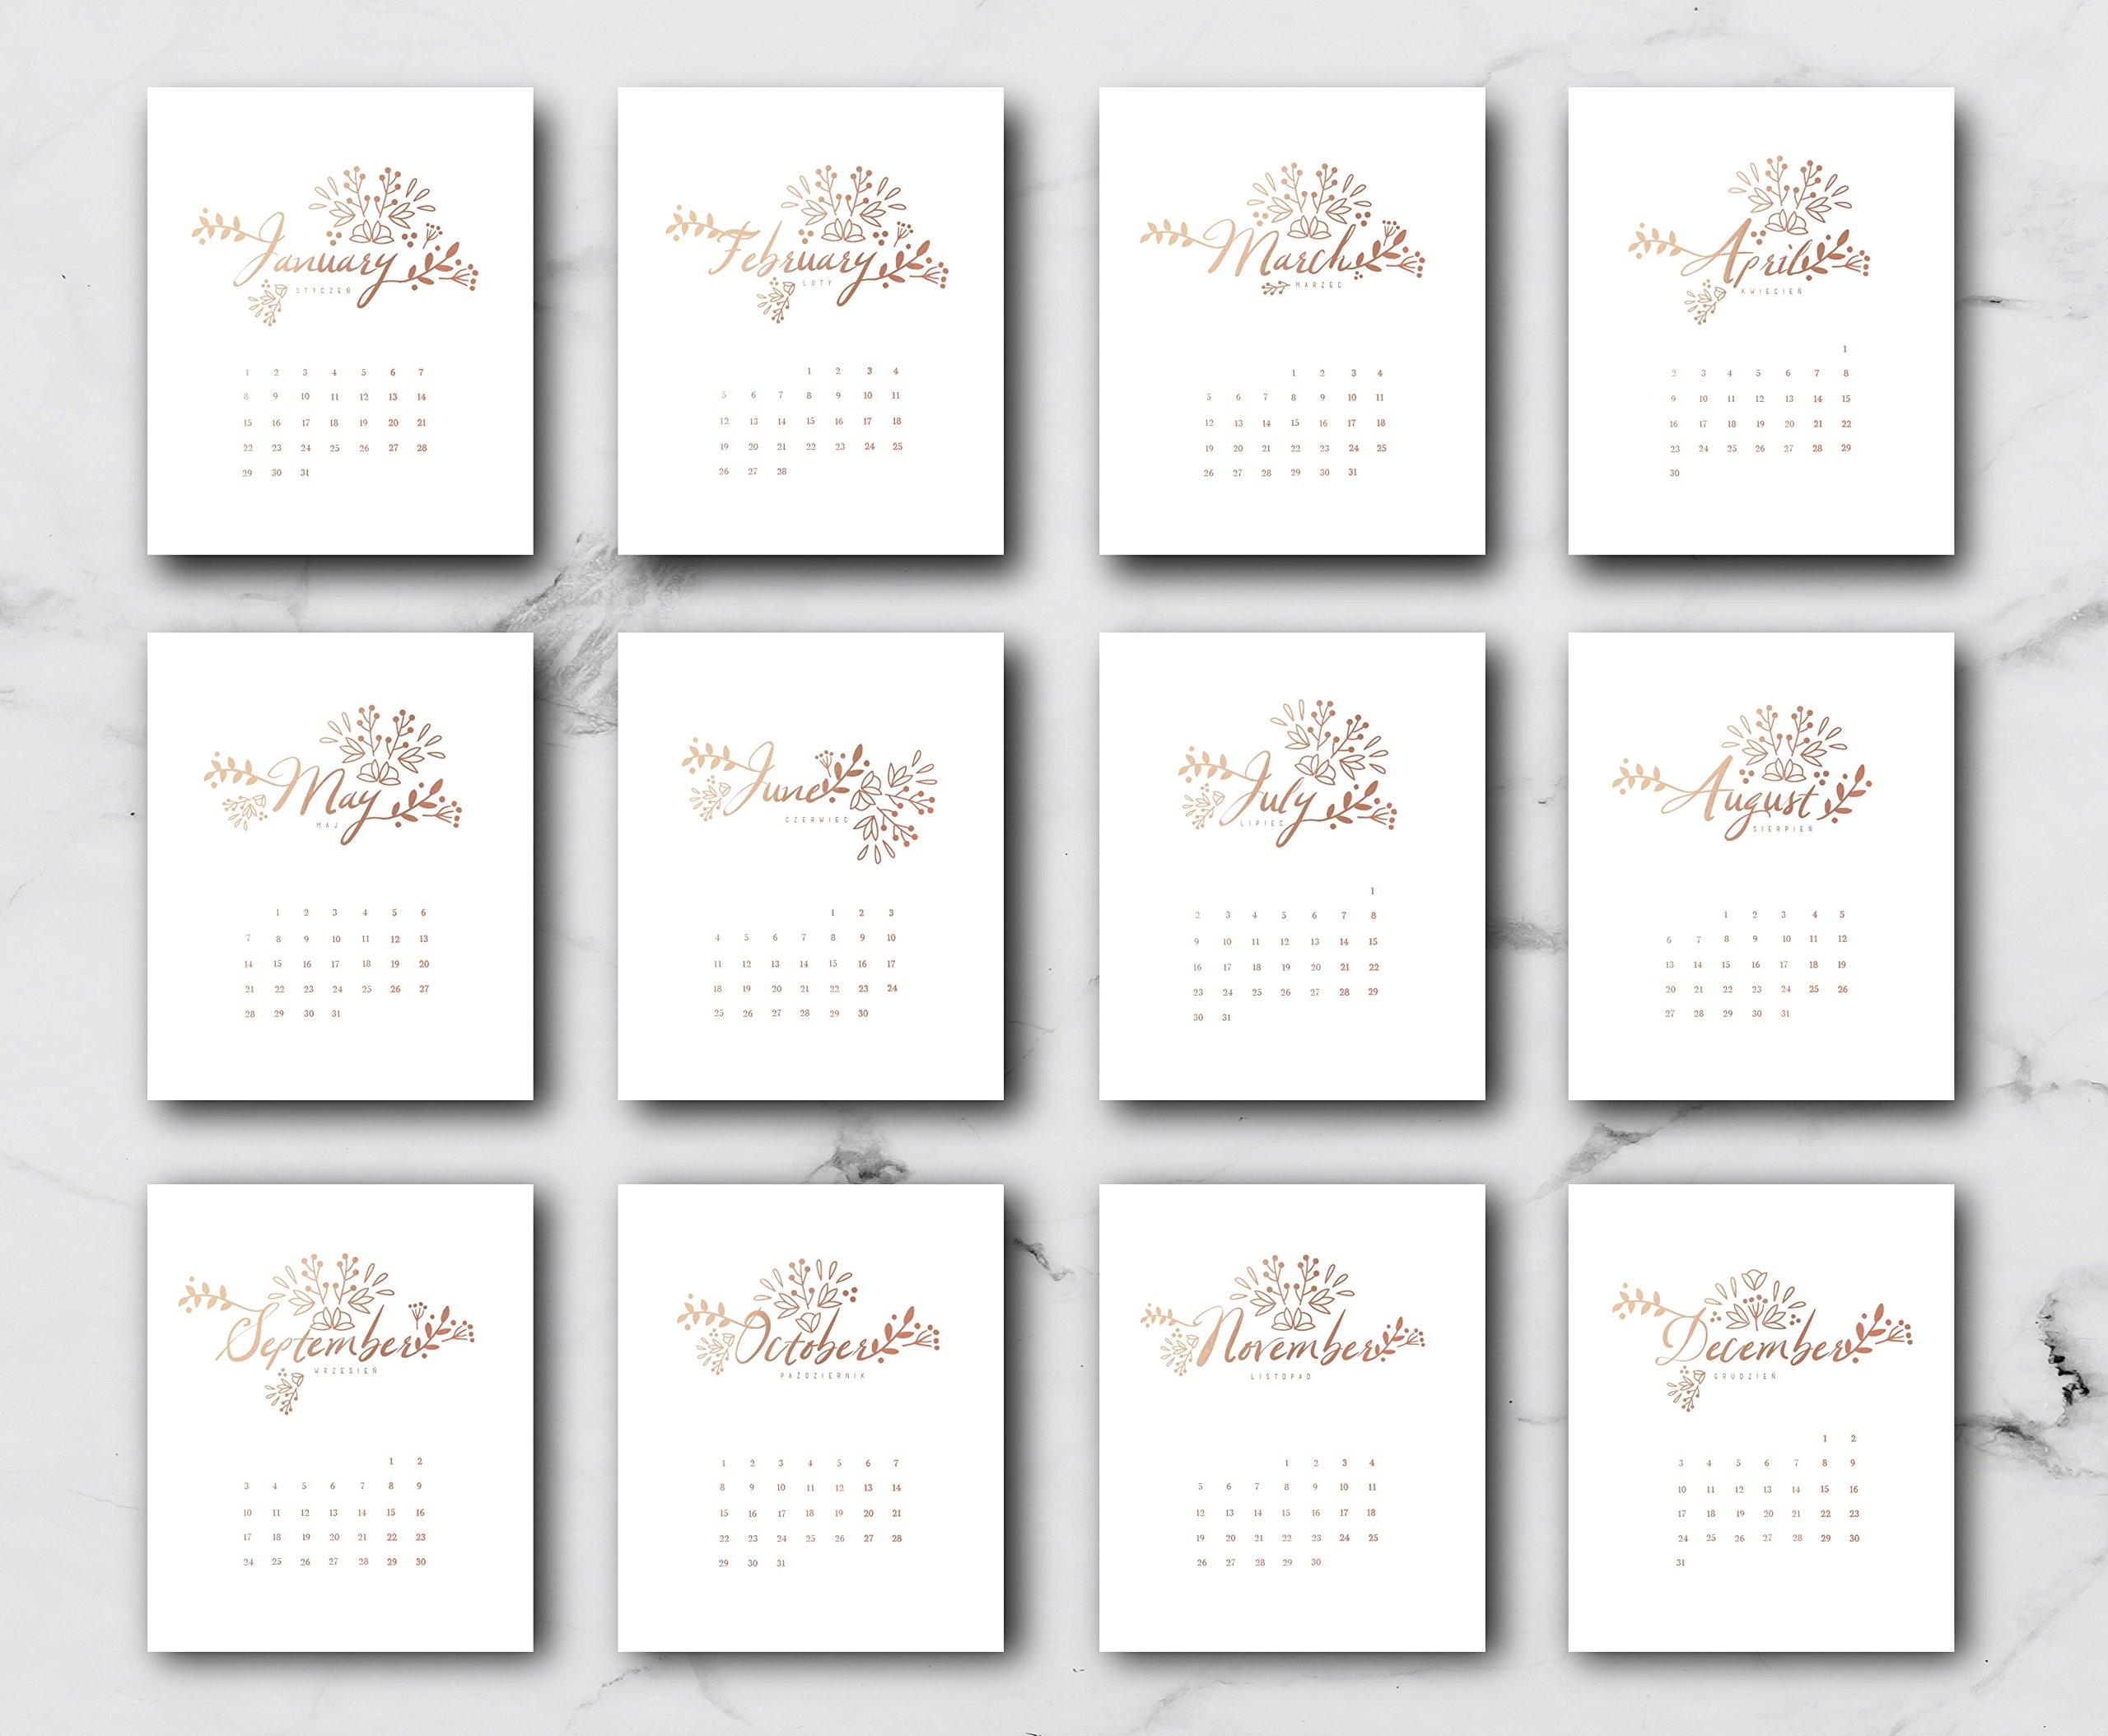 2018 Desktop Floral Calendar, Flowers Calendar, Card Stock Paper, Handmade Paper, Minimal Art, Christmas Gift, 2018 Calendar, Real Gold Foil